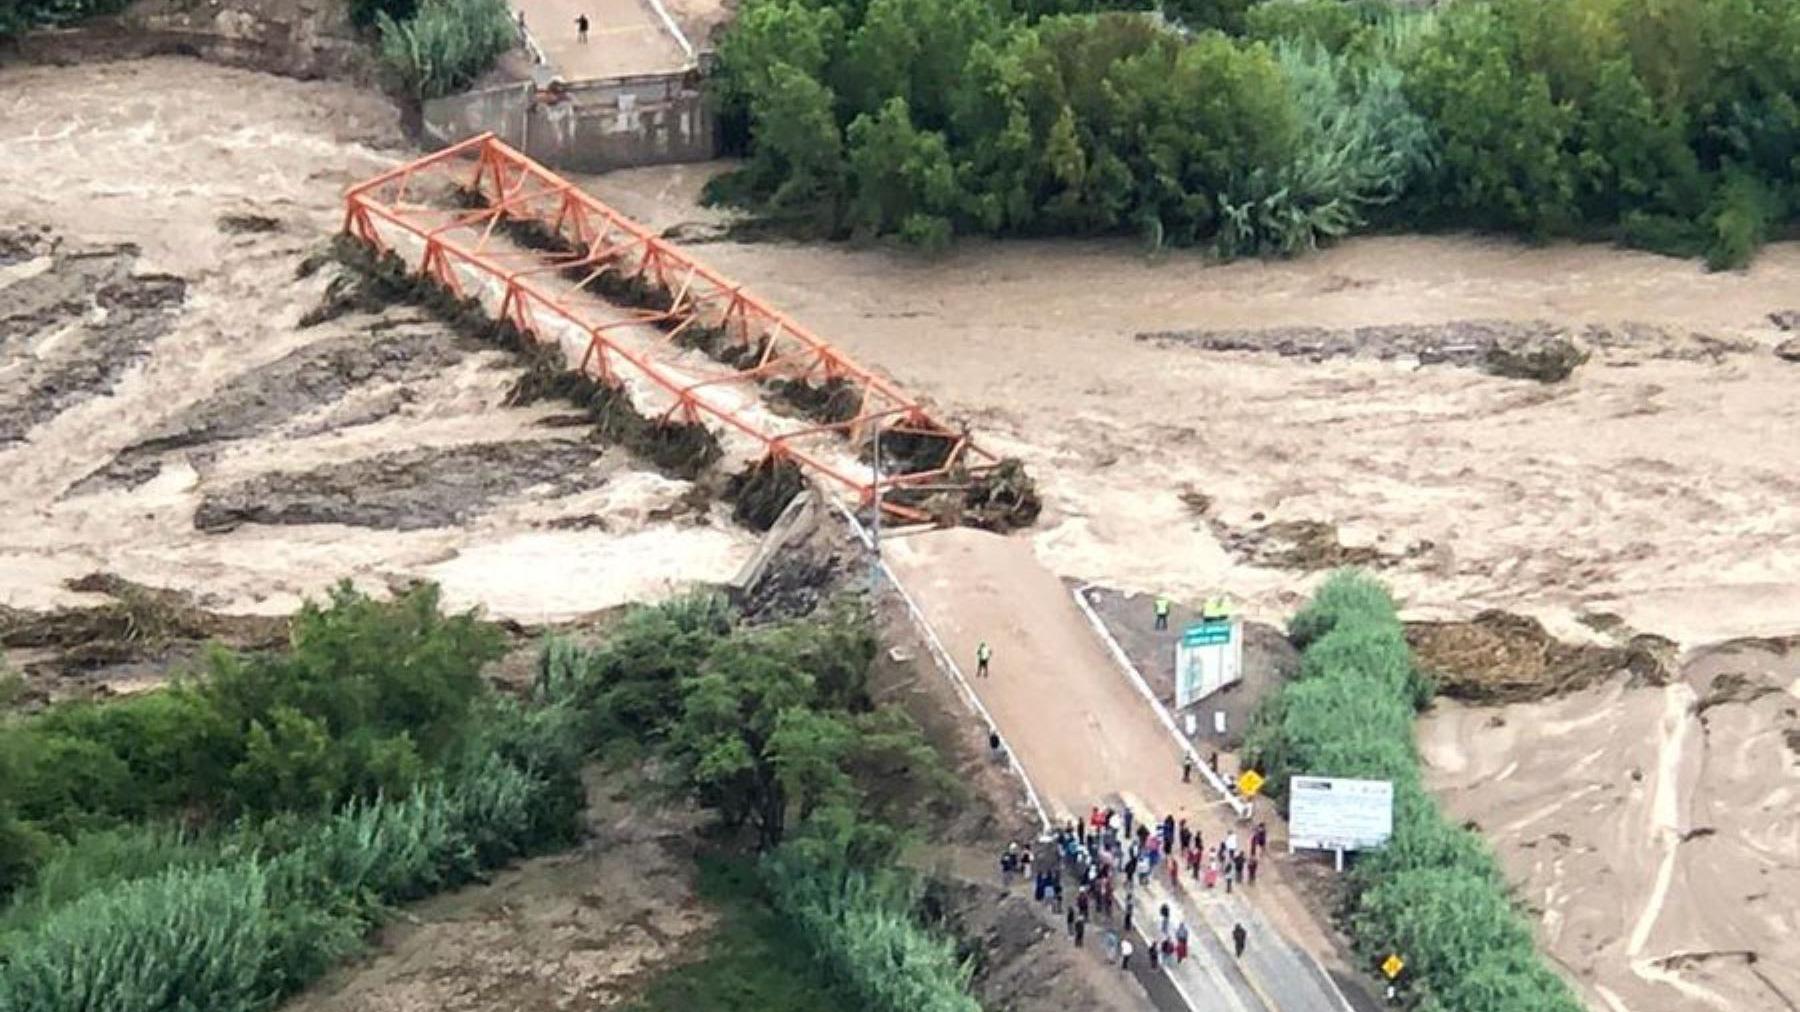 El ministro Trujillo comentó que los módulos del puente llegarán el martes.